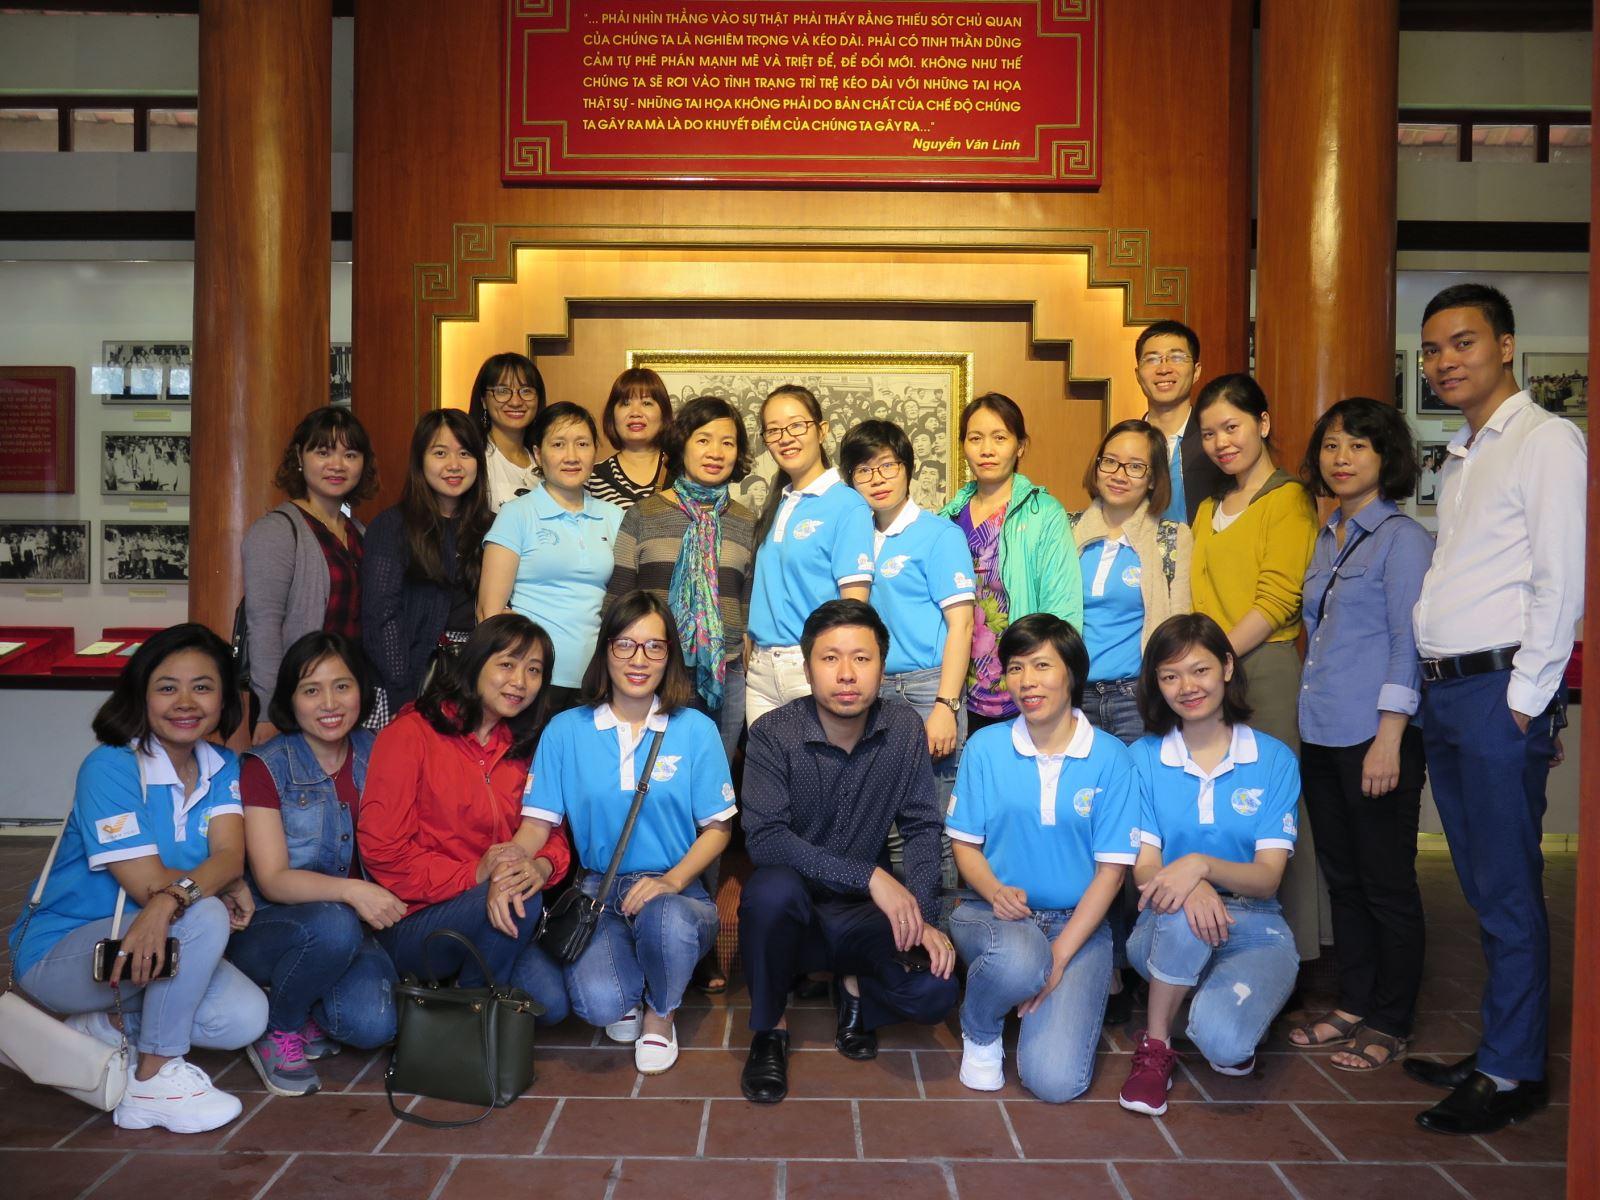 P/s ảnh: Chi bộ 4 về nguồn tại tỉnh Hưng Yên